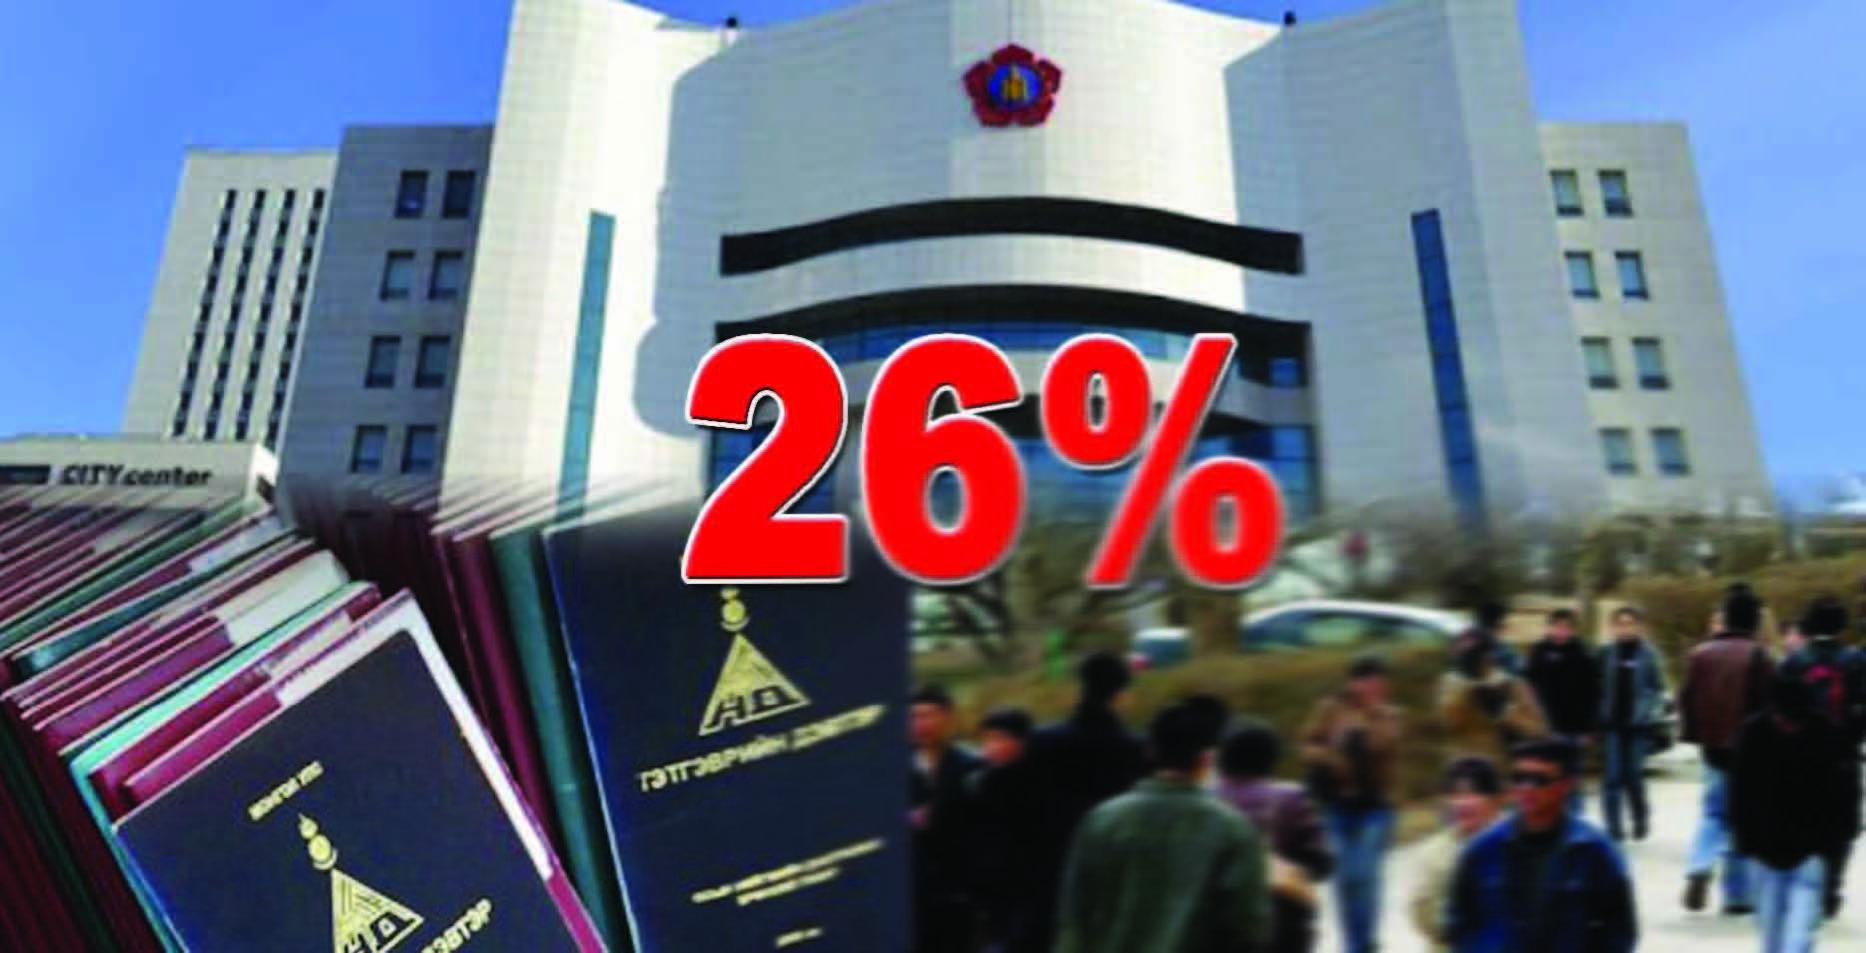 Б.Өлзийбаяр: Төр иргэдээ 26 хувийн шимтгэл болон татвараар давхар цөлмөж байна